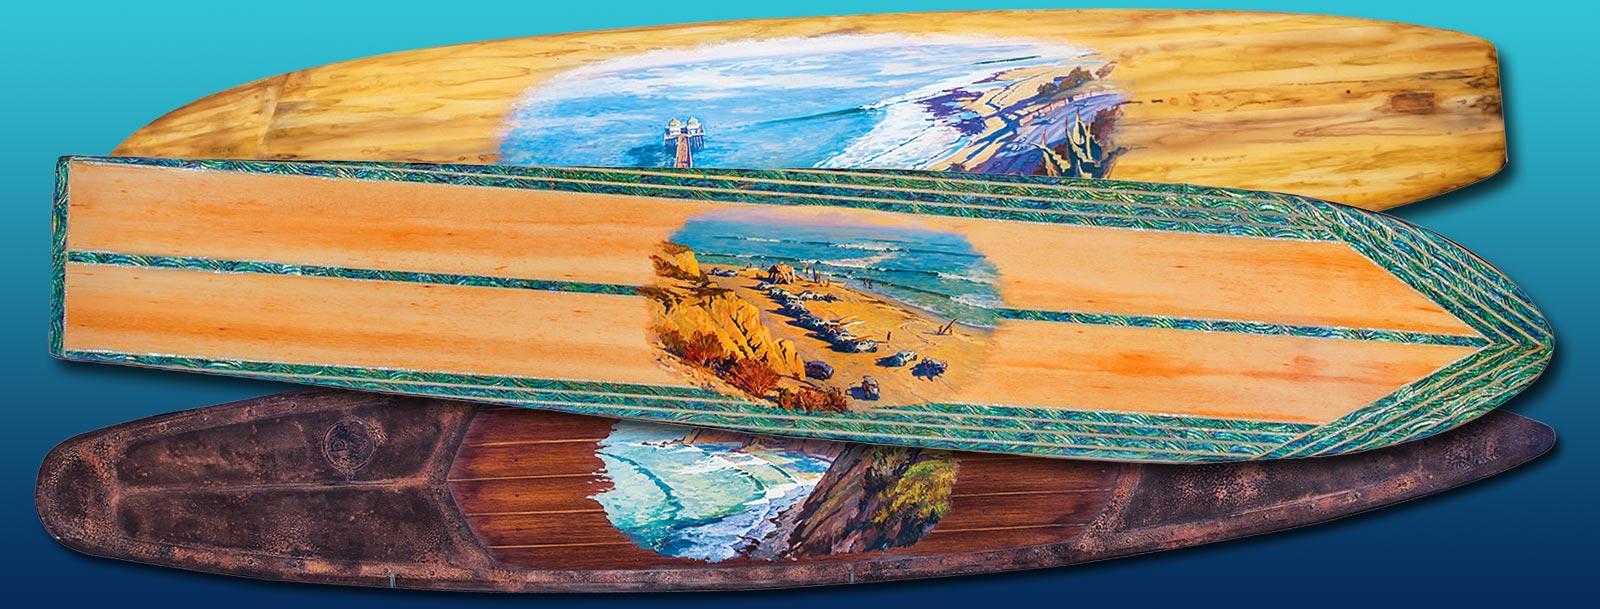 Homepage Slide 3 – Surfboard Craft & Evolution